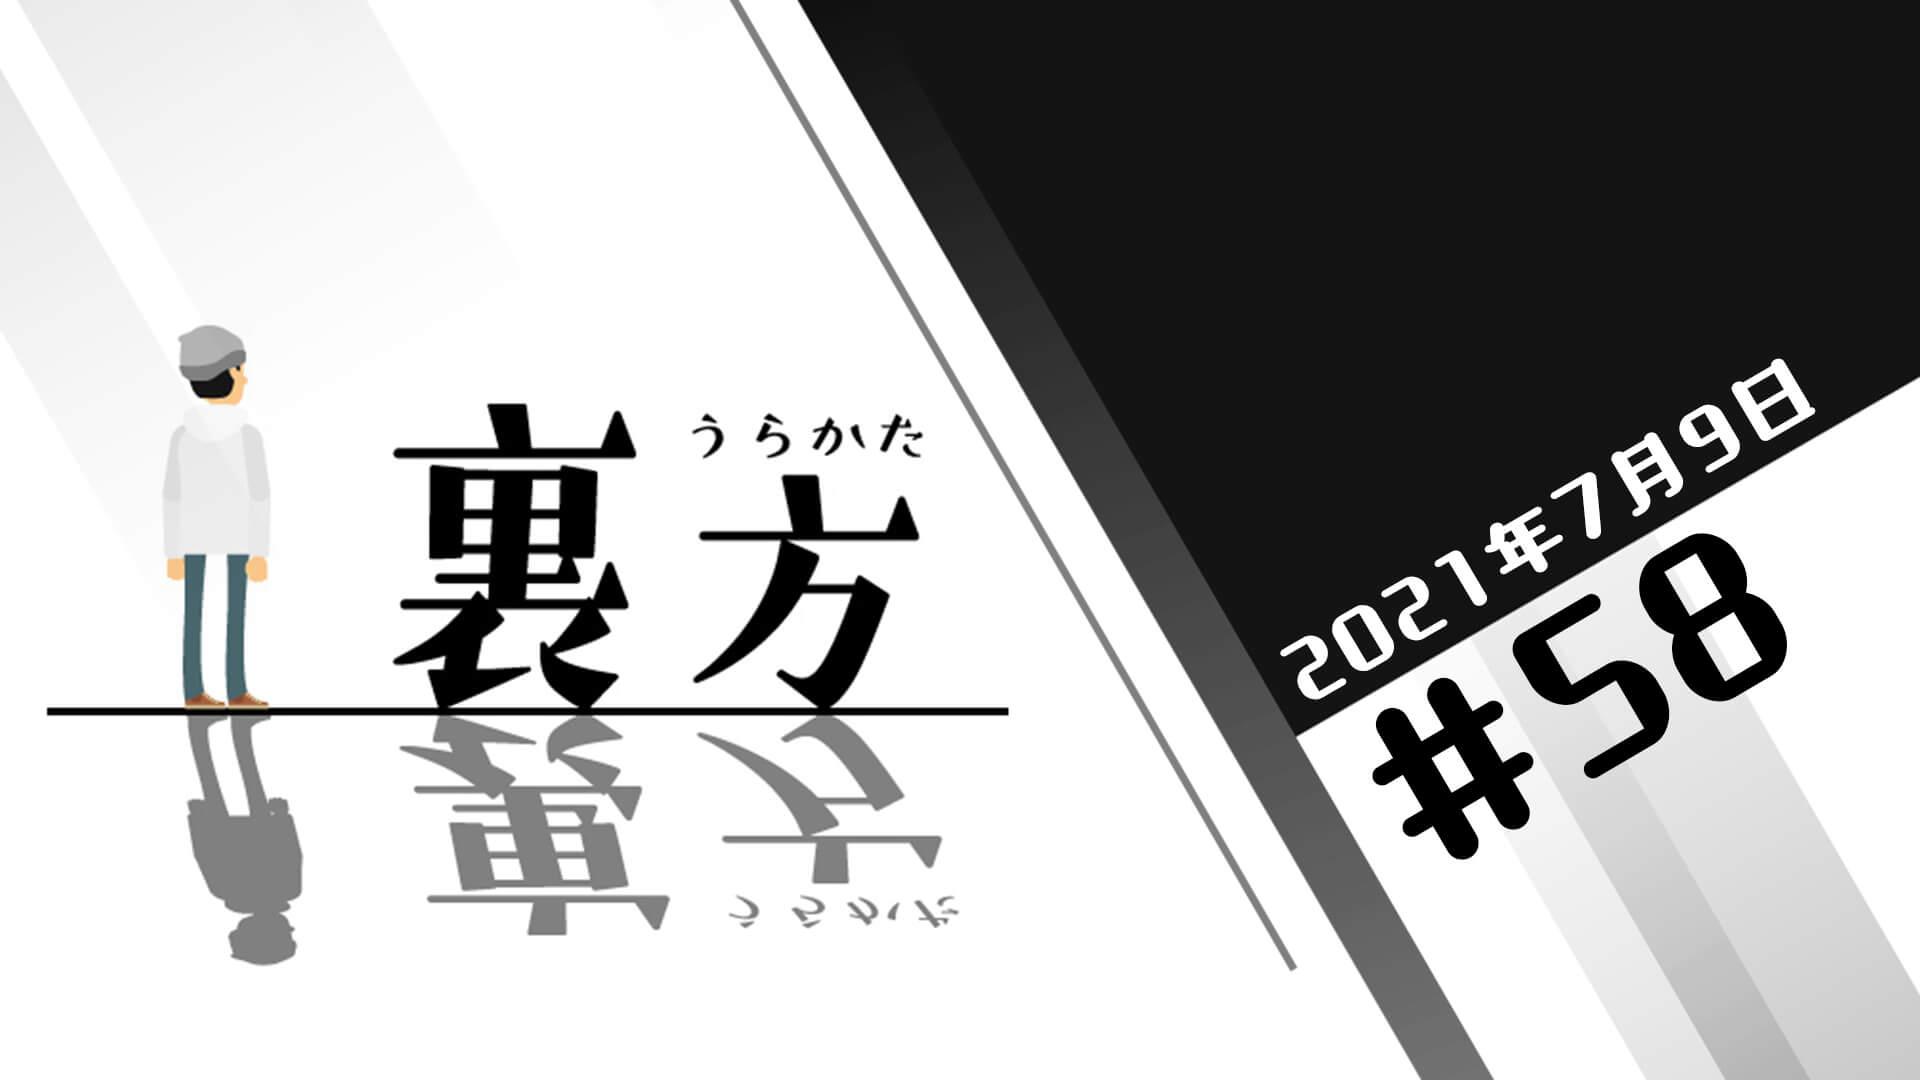 文化放送超!A&G+ 「裏方」#58 (2021年7月9日放送分)